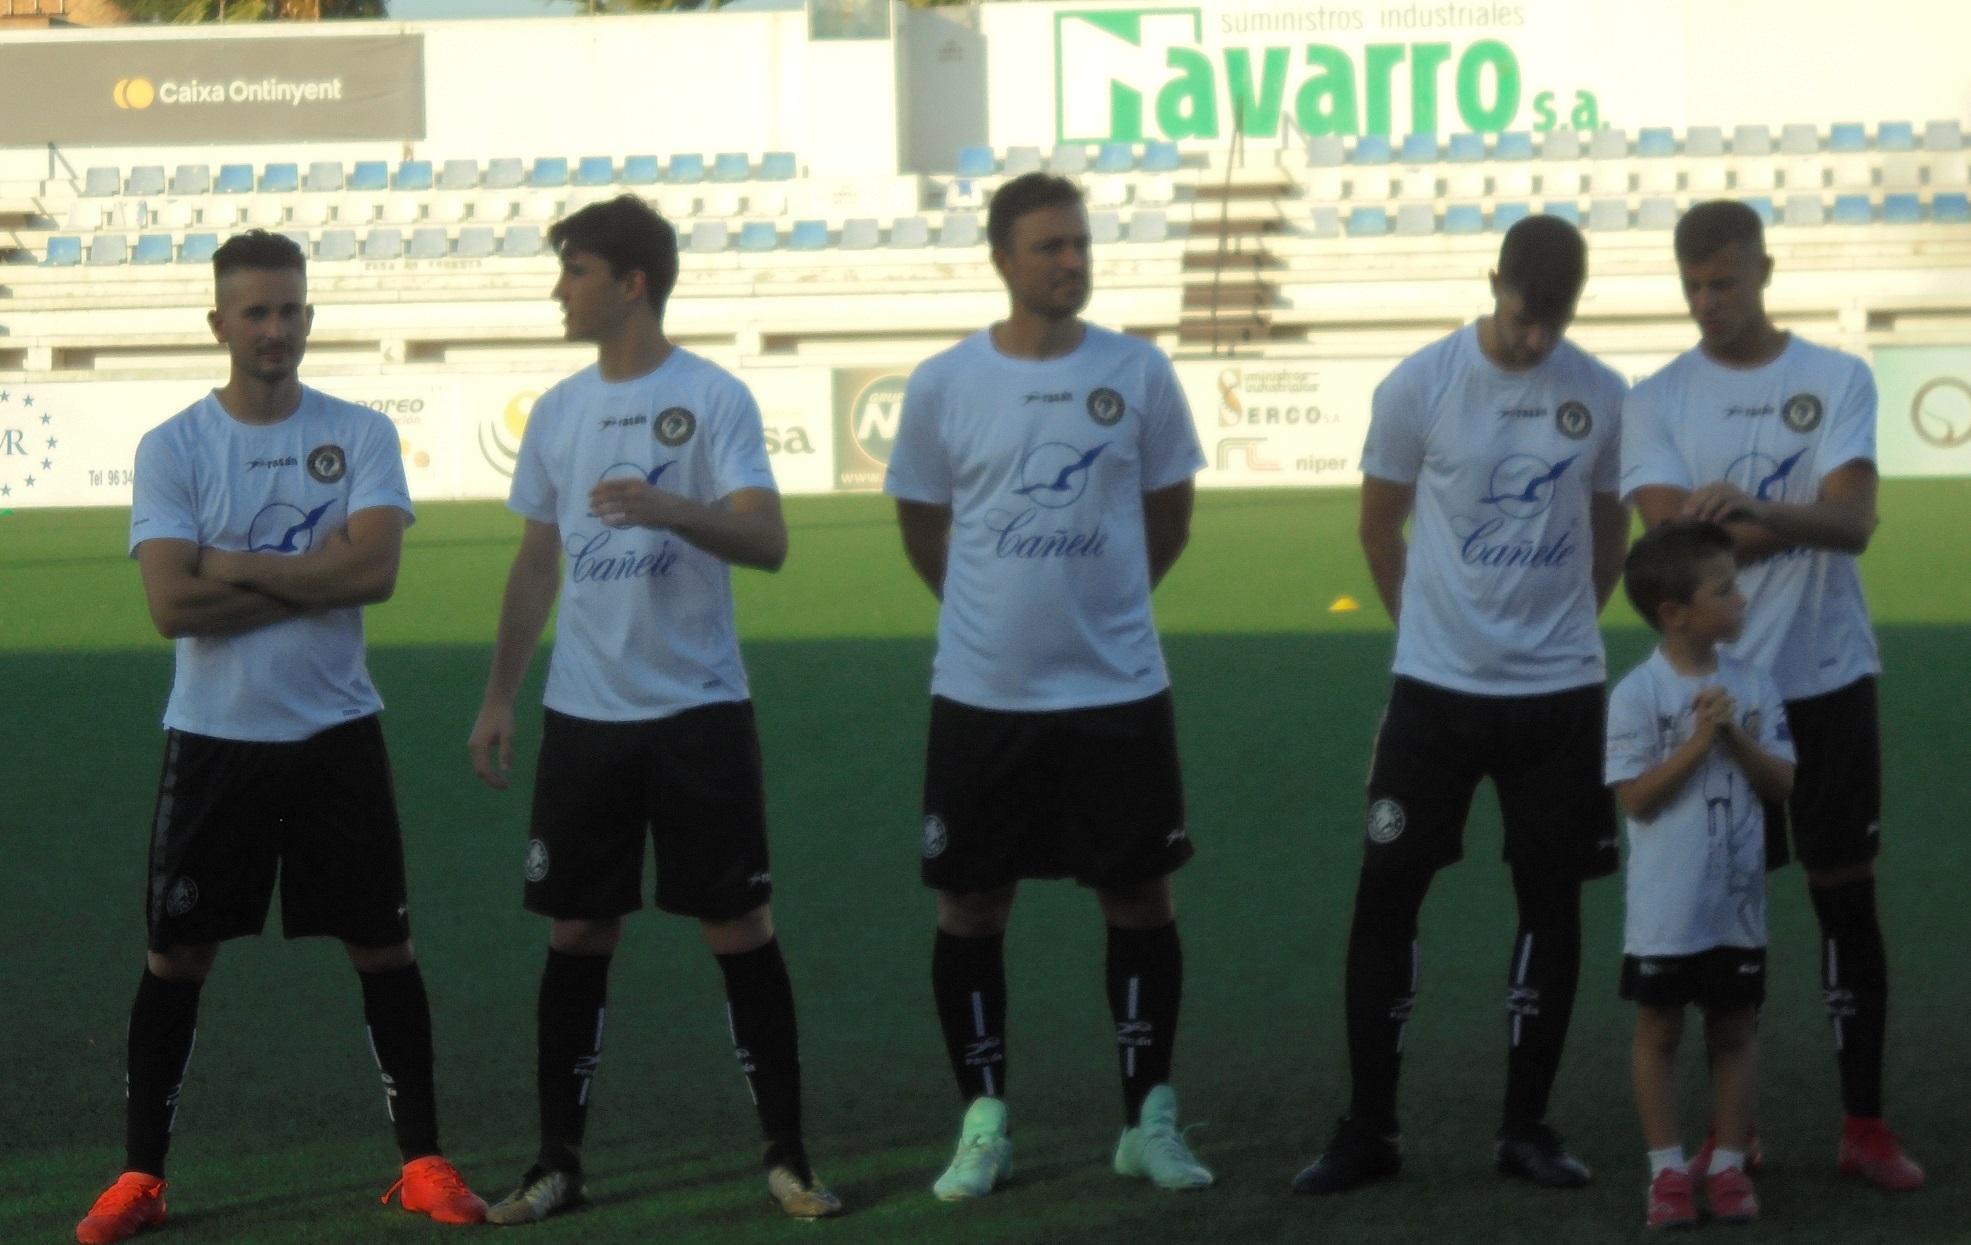 Timo Birladeanu i Sergi Sanjuan tanquen el capítol d'incorporacions de l'amateur